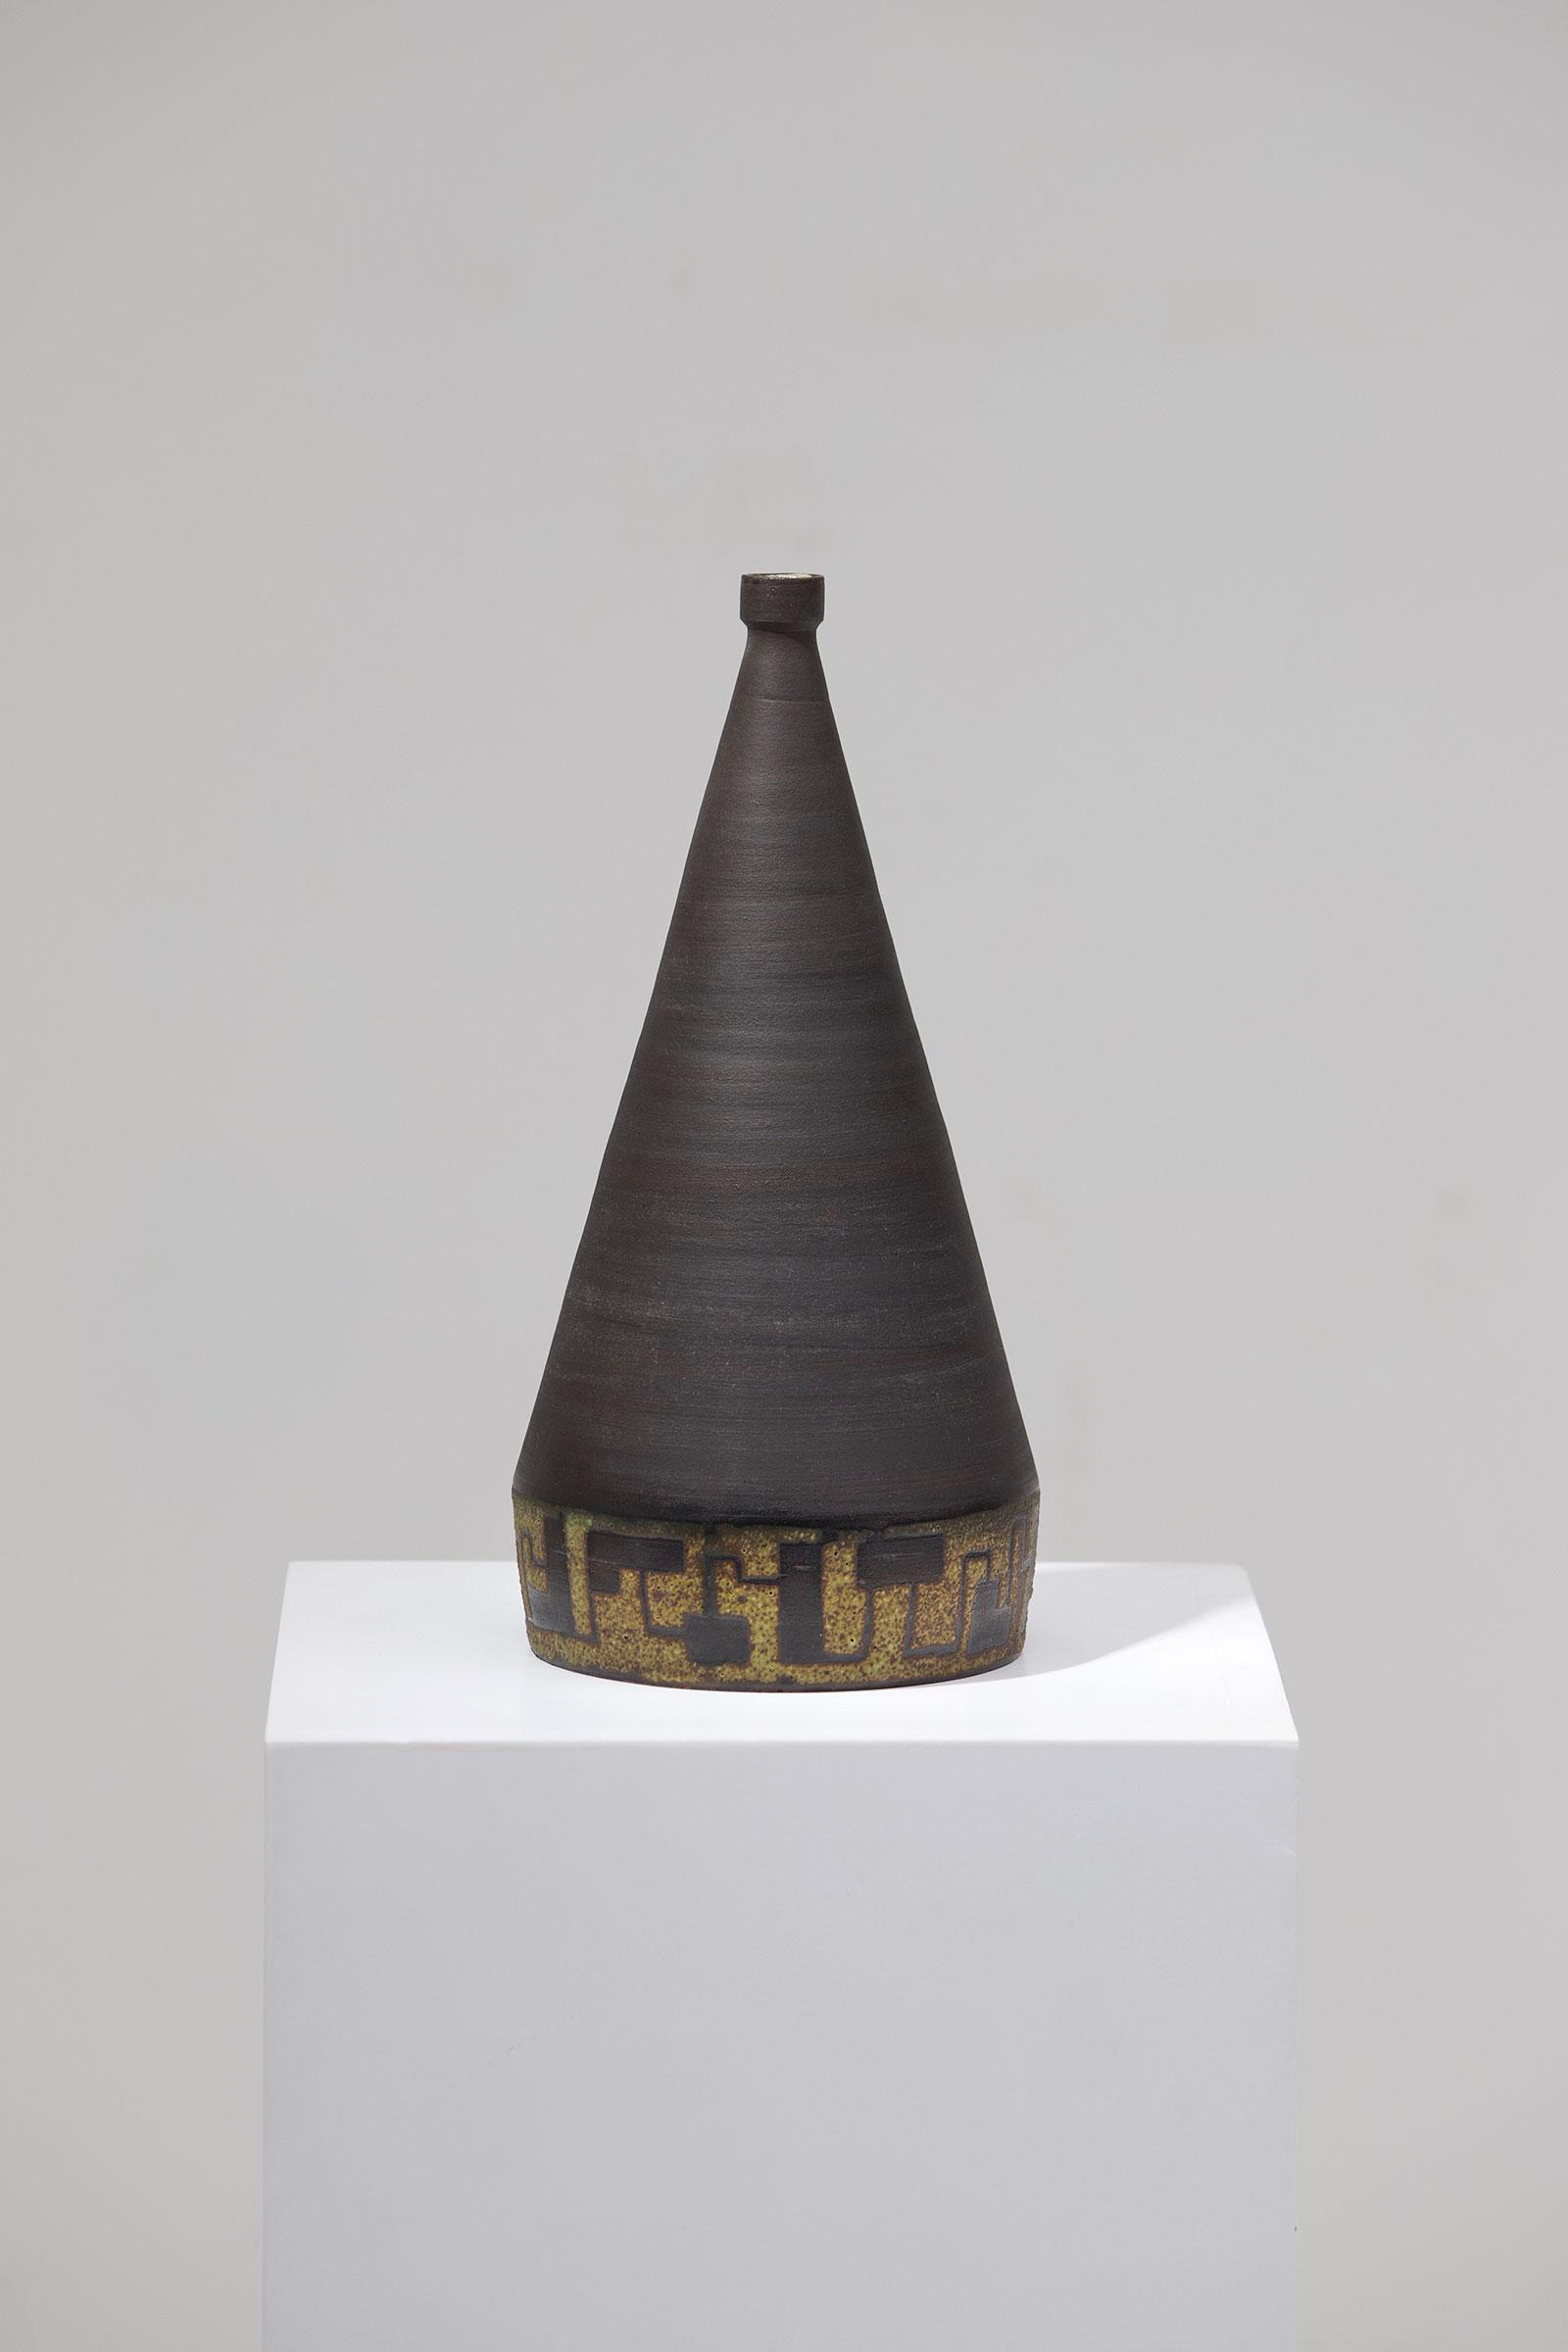 Signed Ceramic Vase 1963